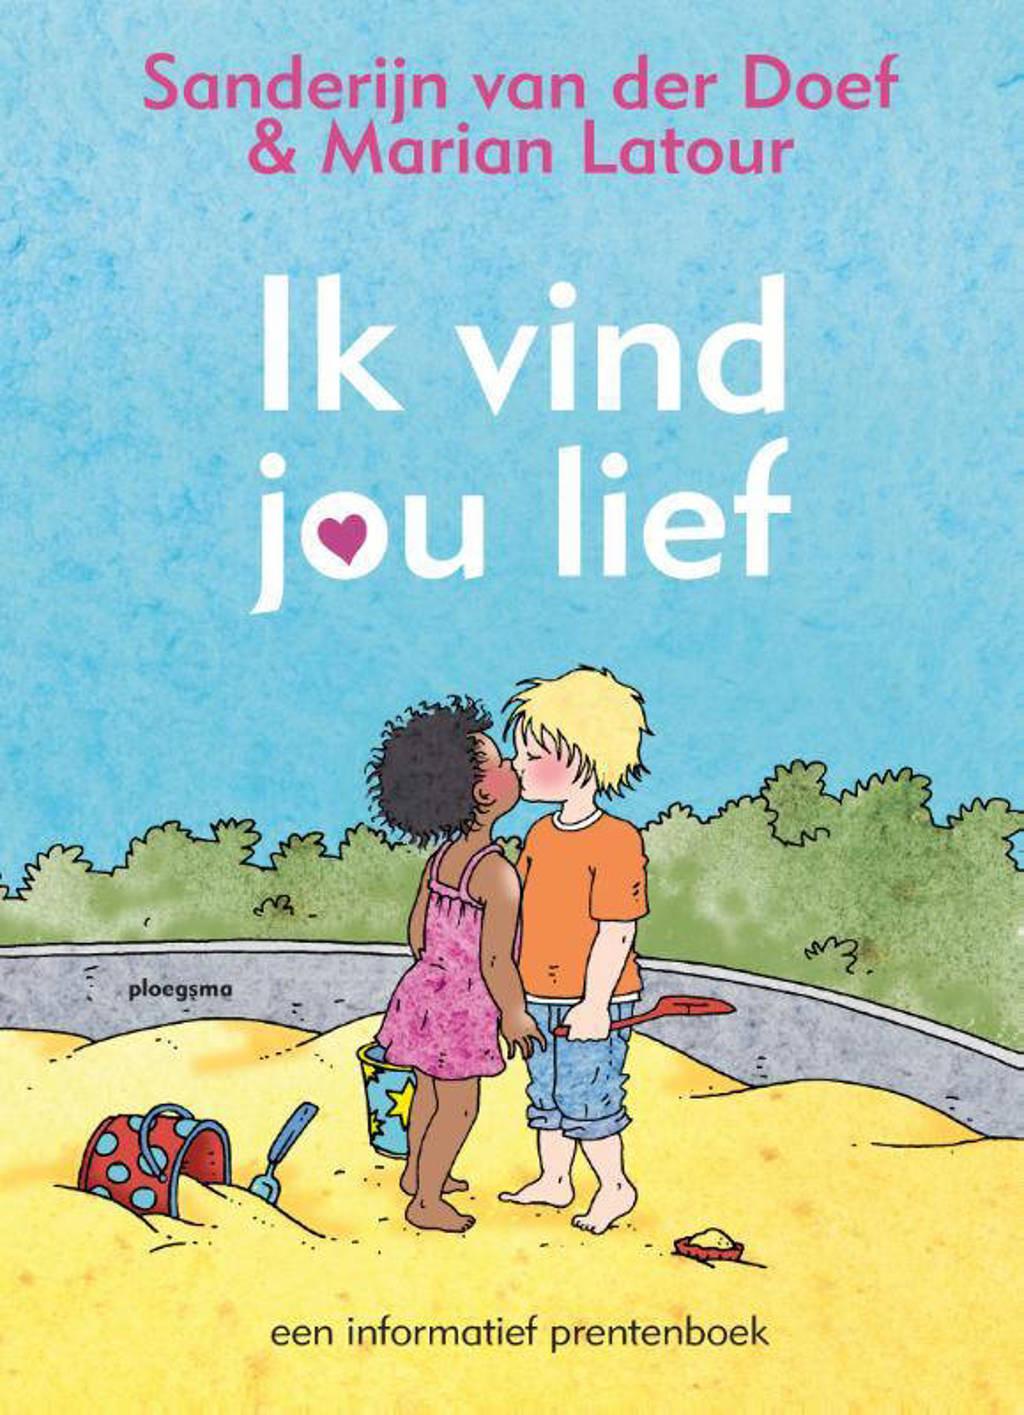 Ik vind jou lief - Sanderijn van der Doef